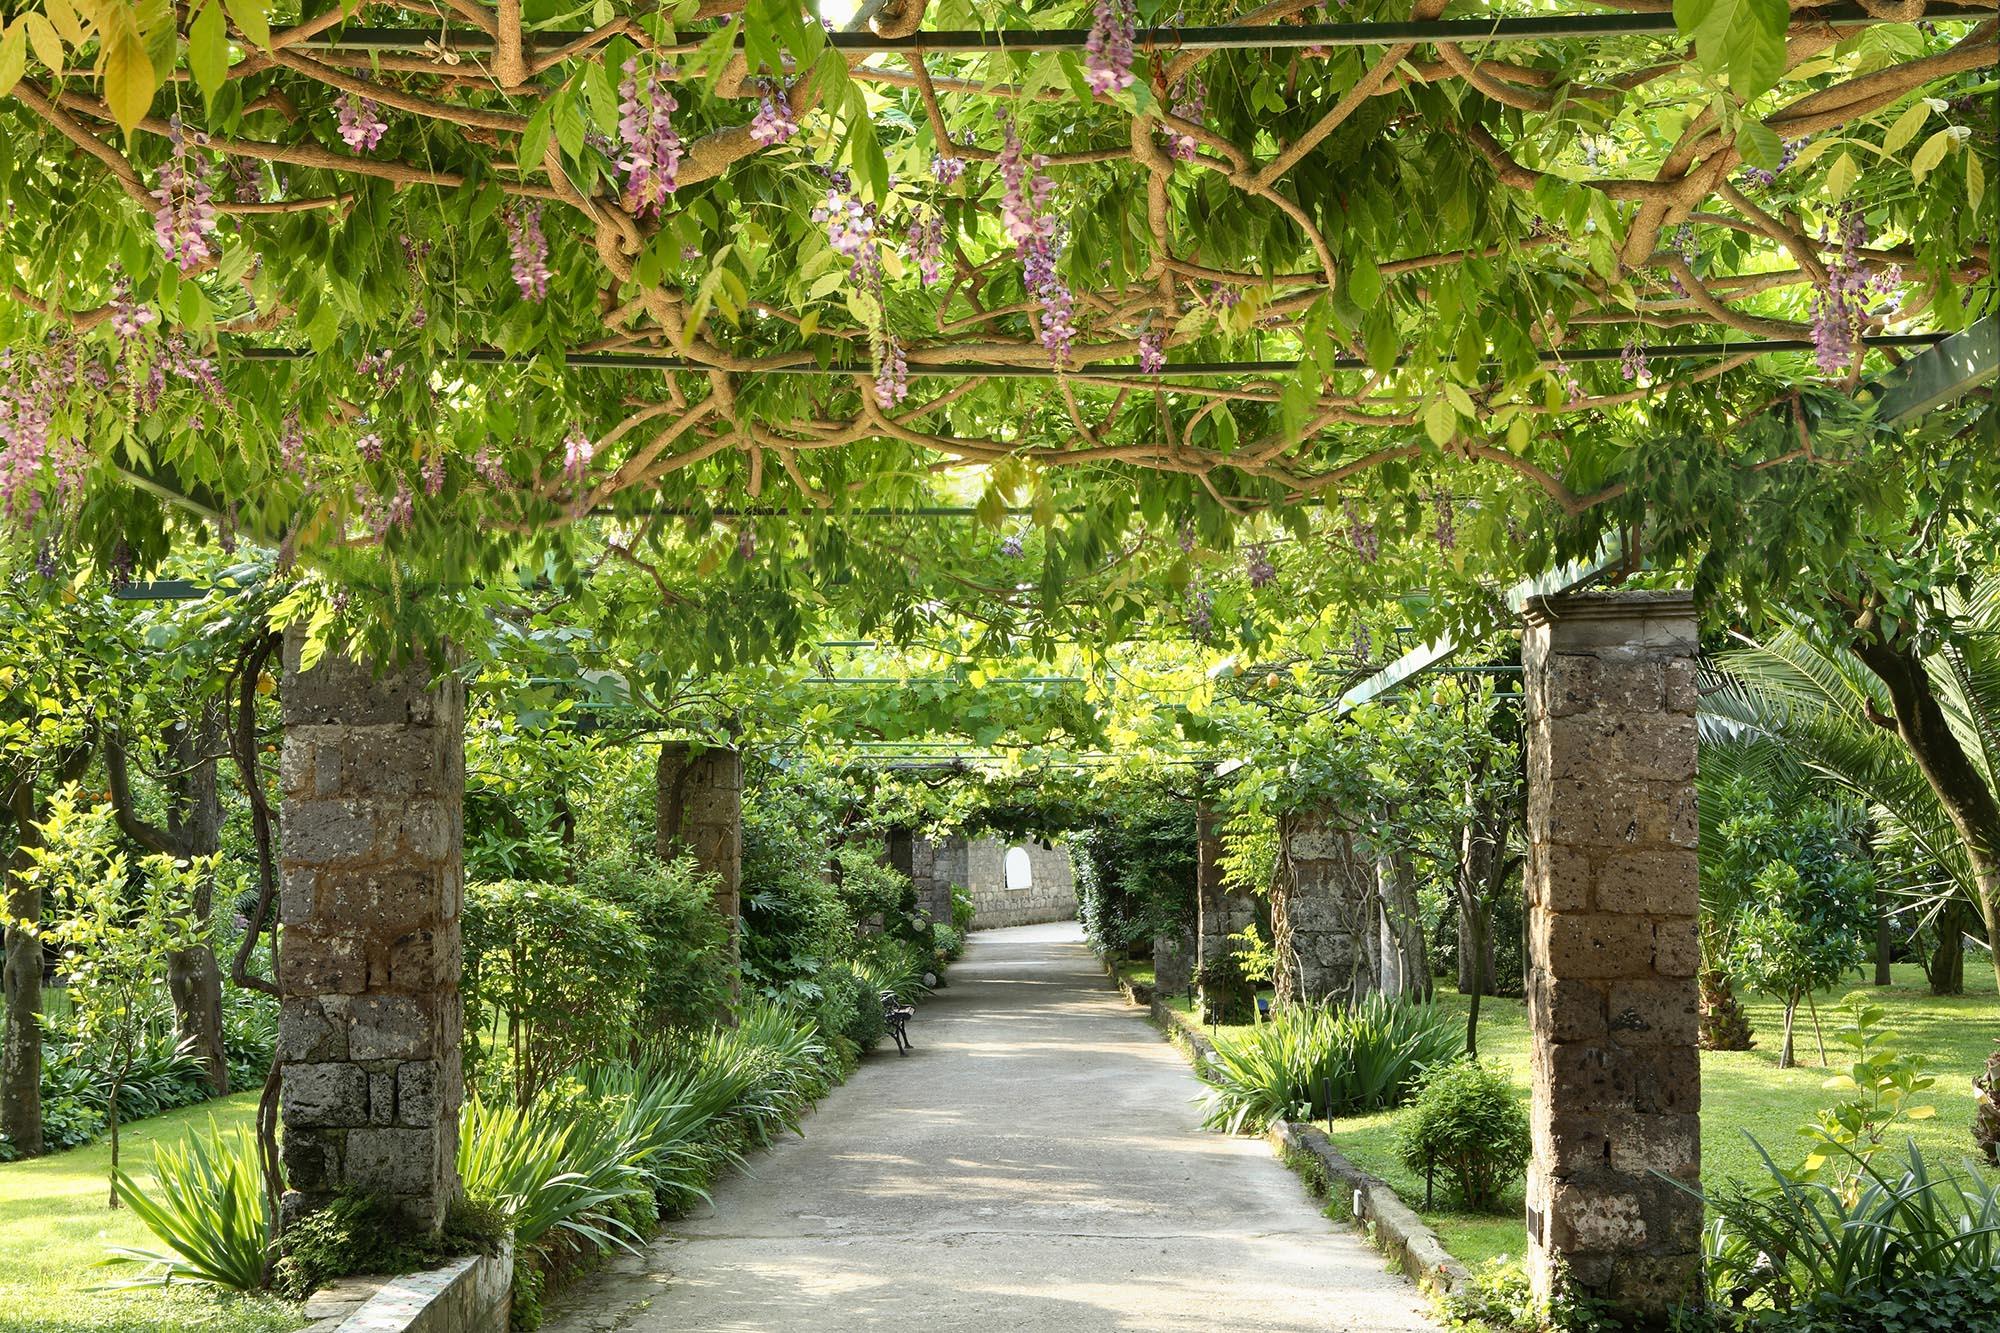 Grande allée avec des colonnes de chaque coté et des fleur de couleurs violette au-dessus.